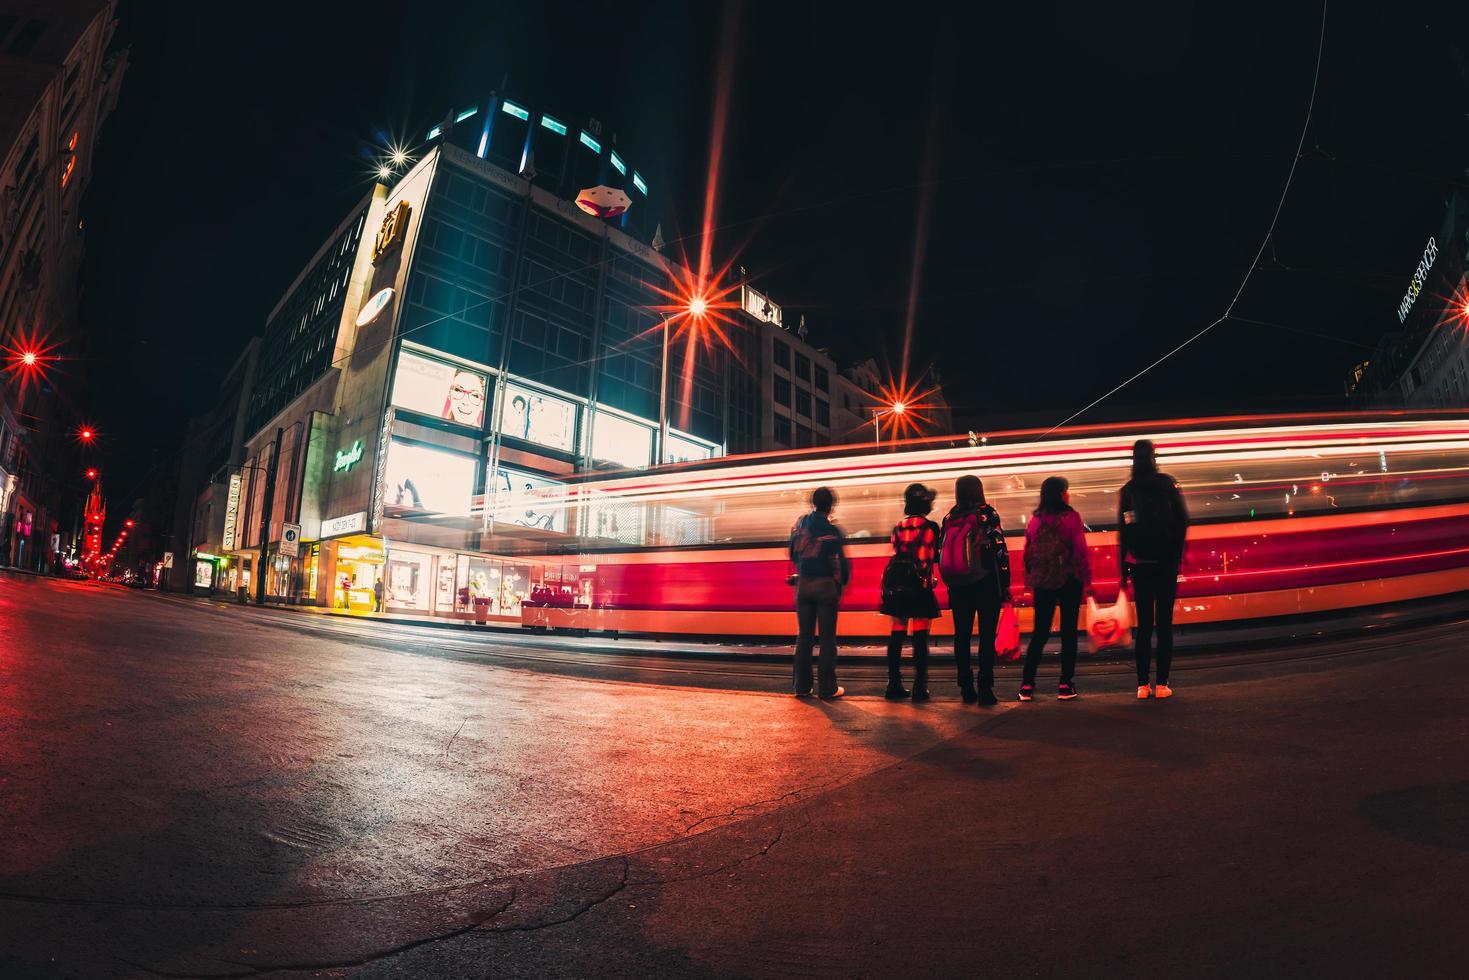 Tschechische Republik 2017 - Menschen auf der Straße inmitten von Lichtspuren in der Nacht foto